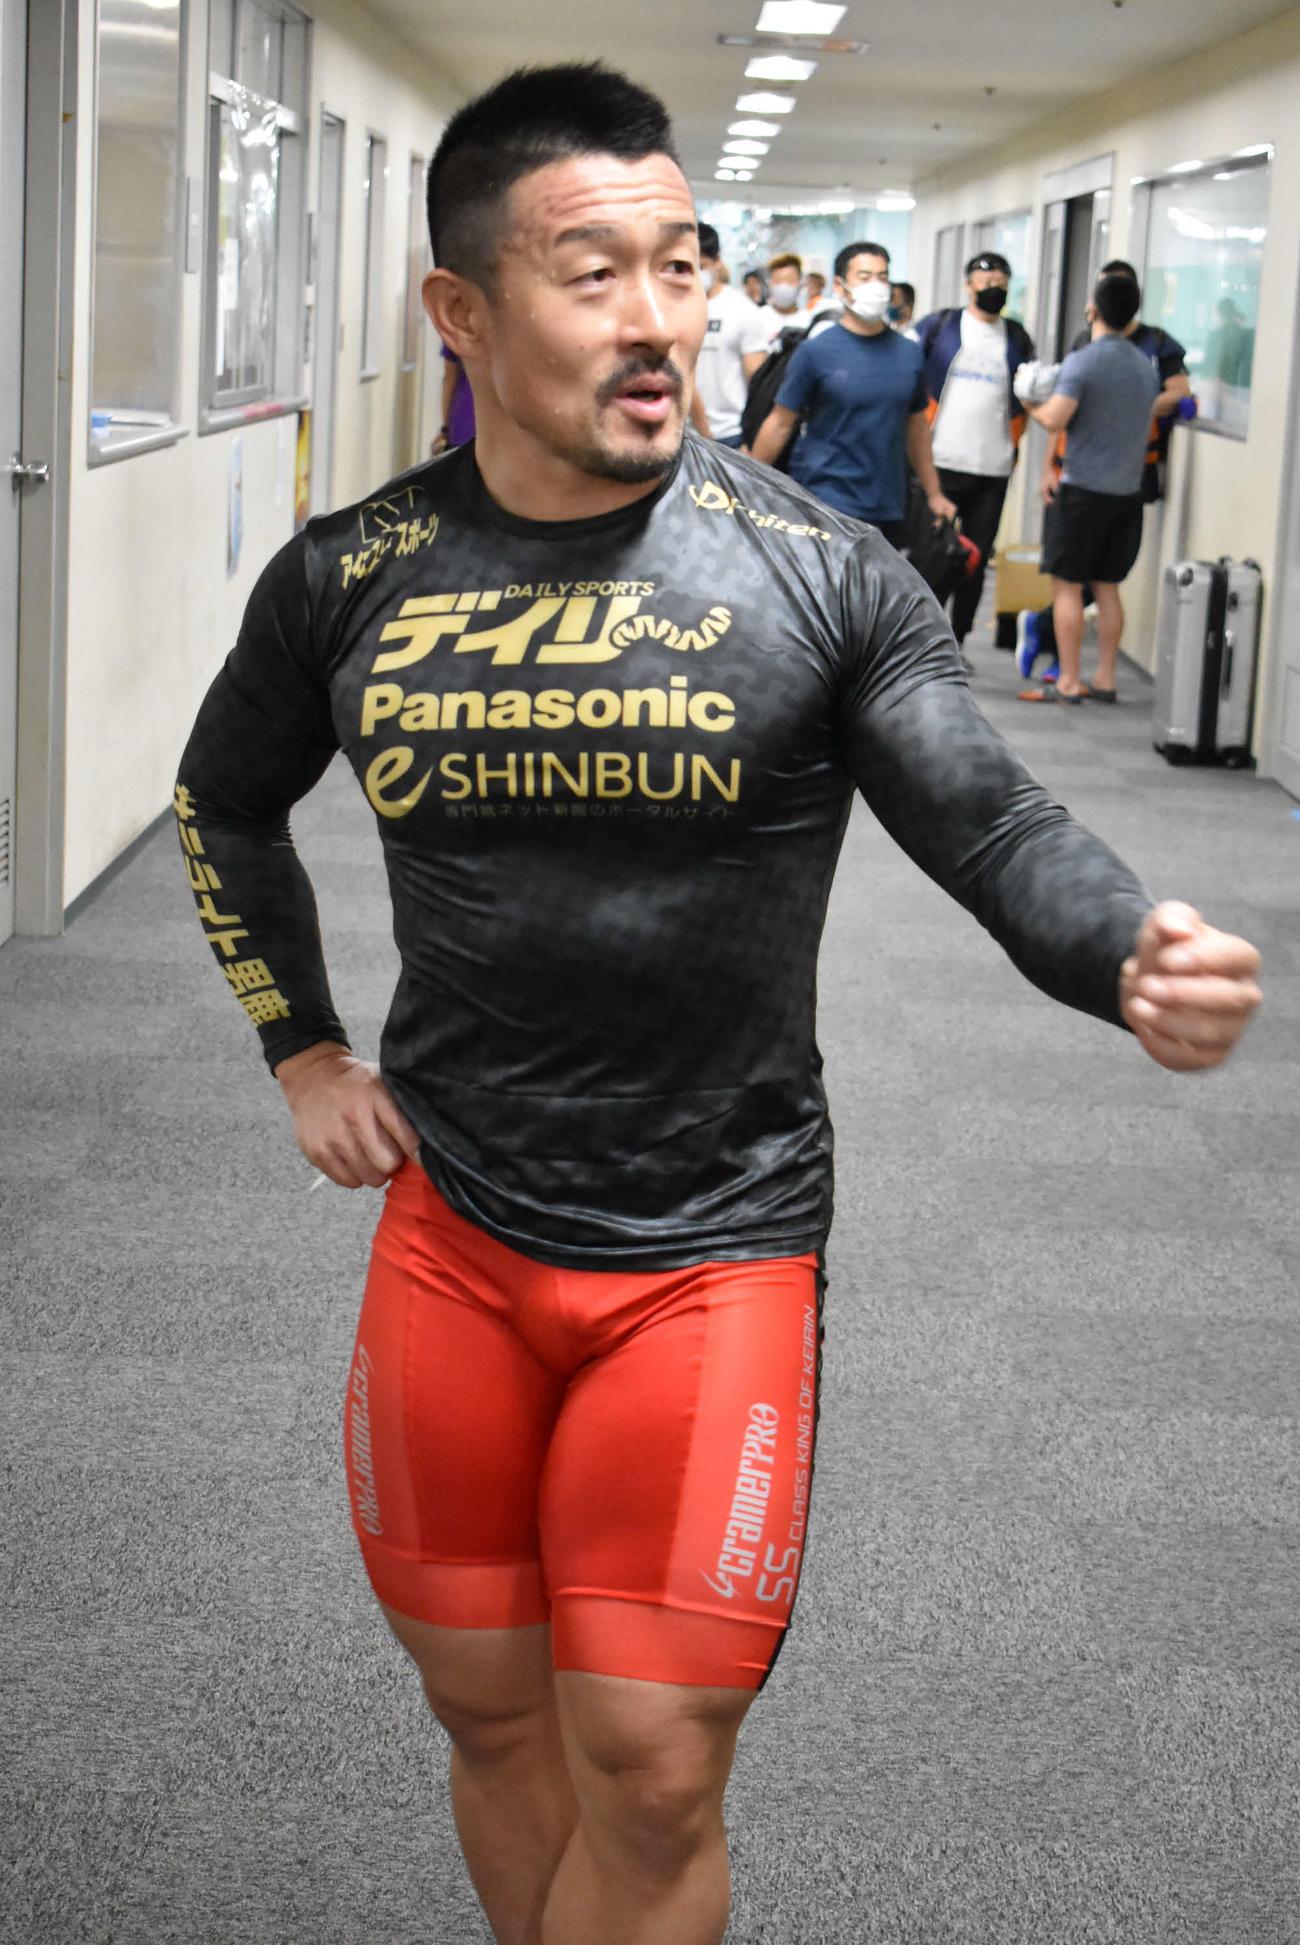 佐藤慎太郎は2予Aで新山響平を差し切り初日の悪夢を振り払った